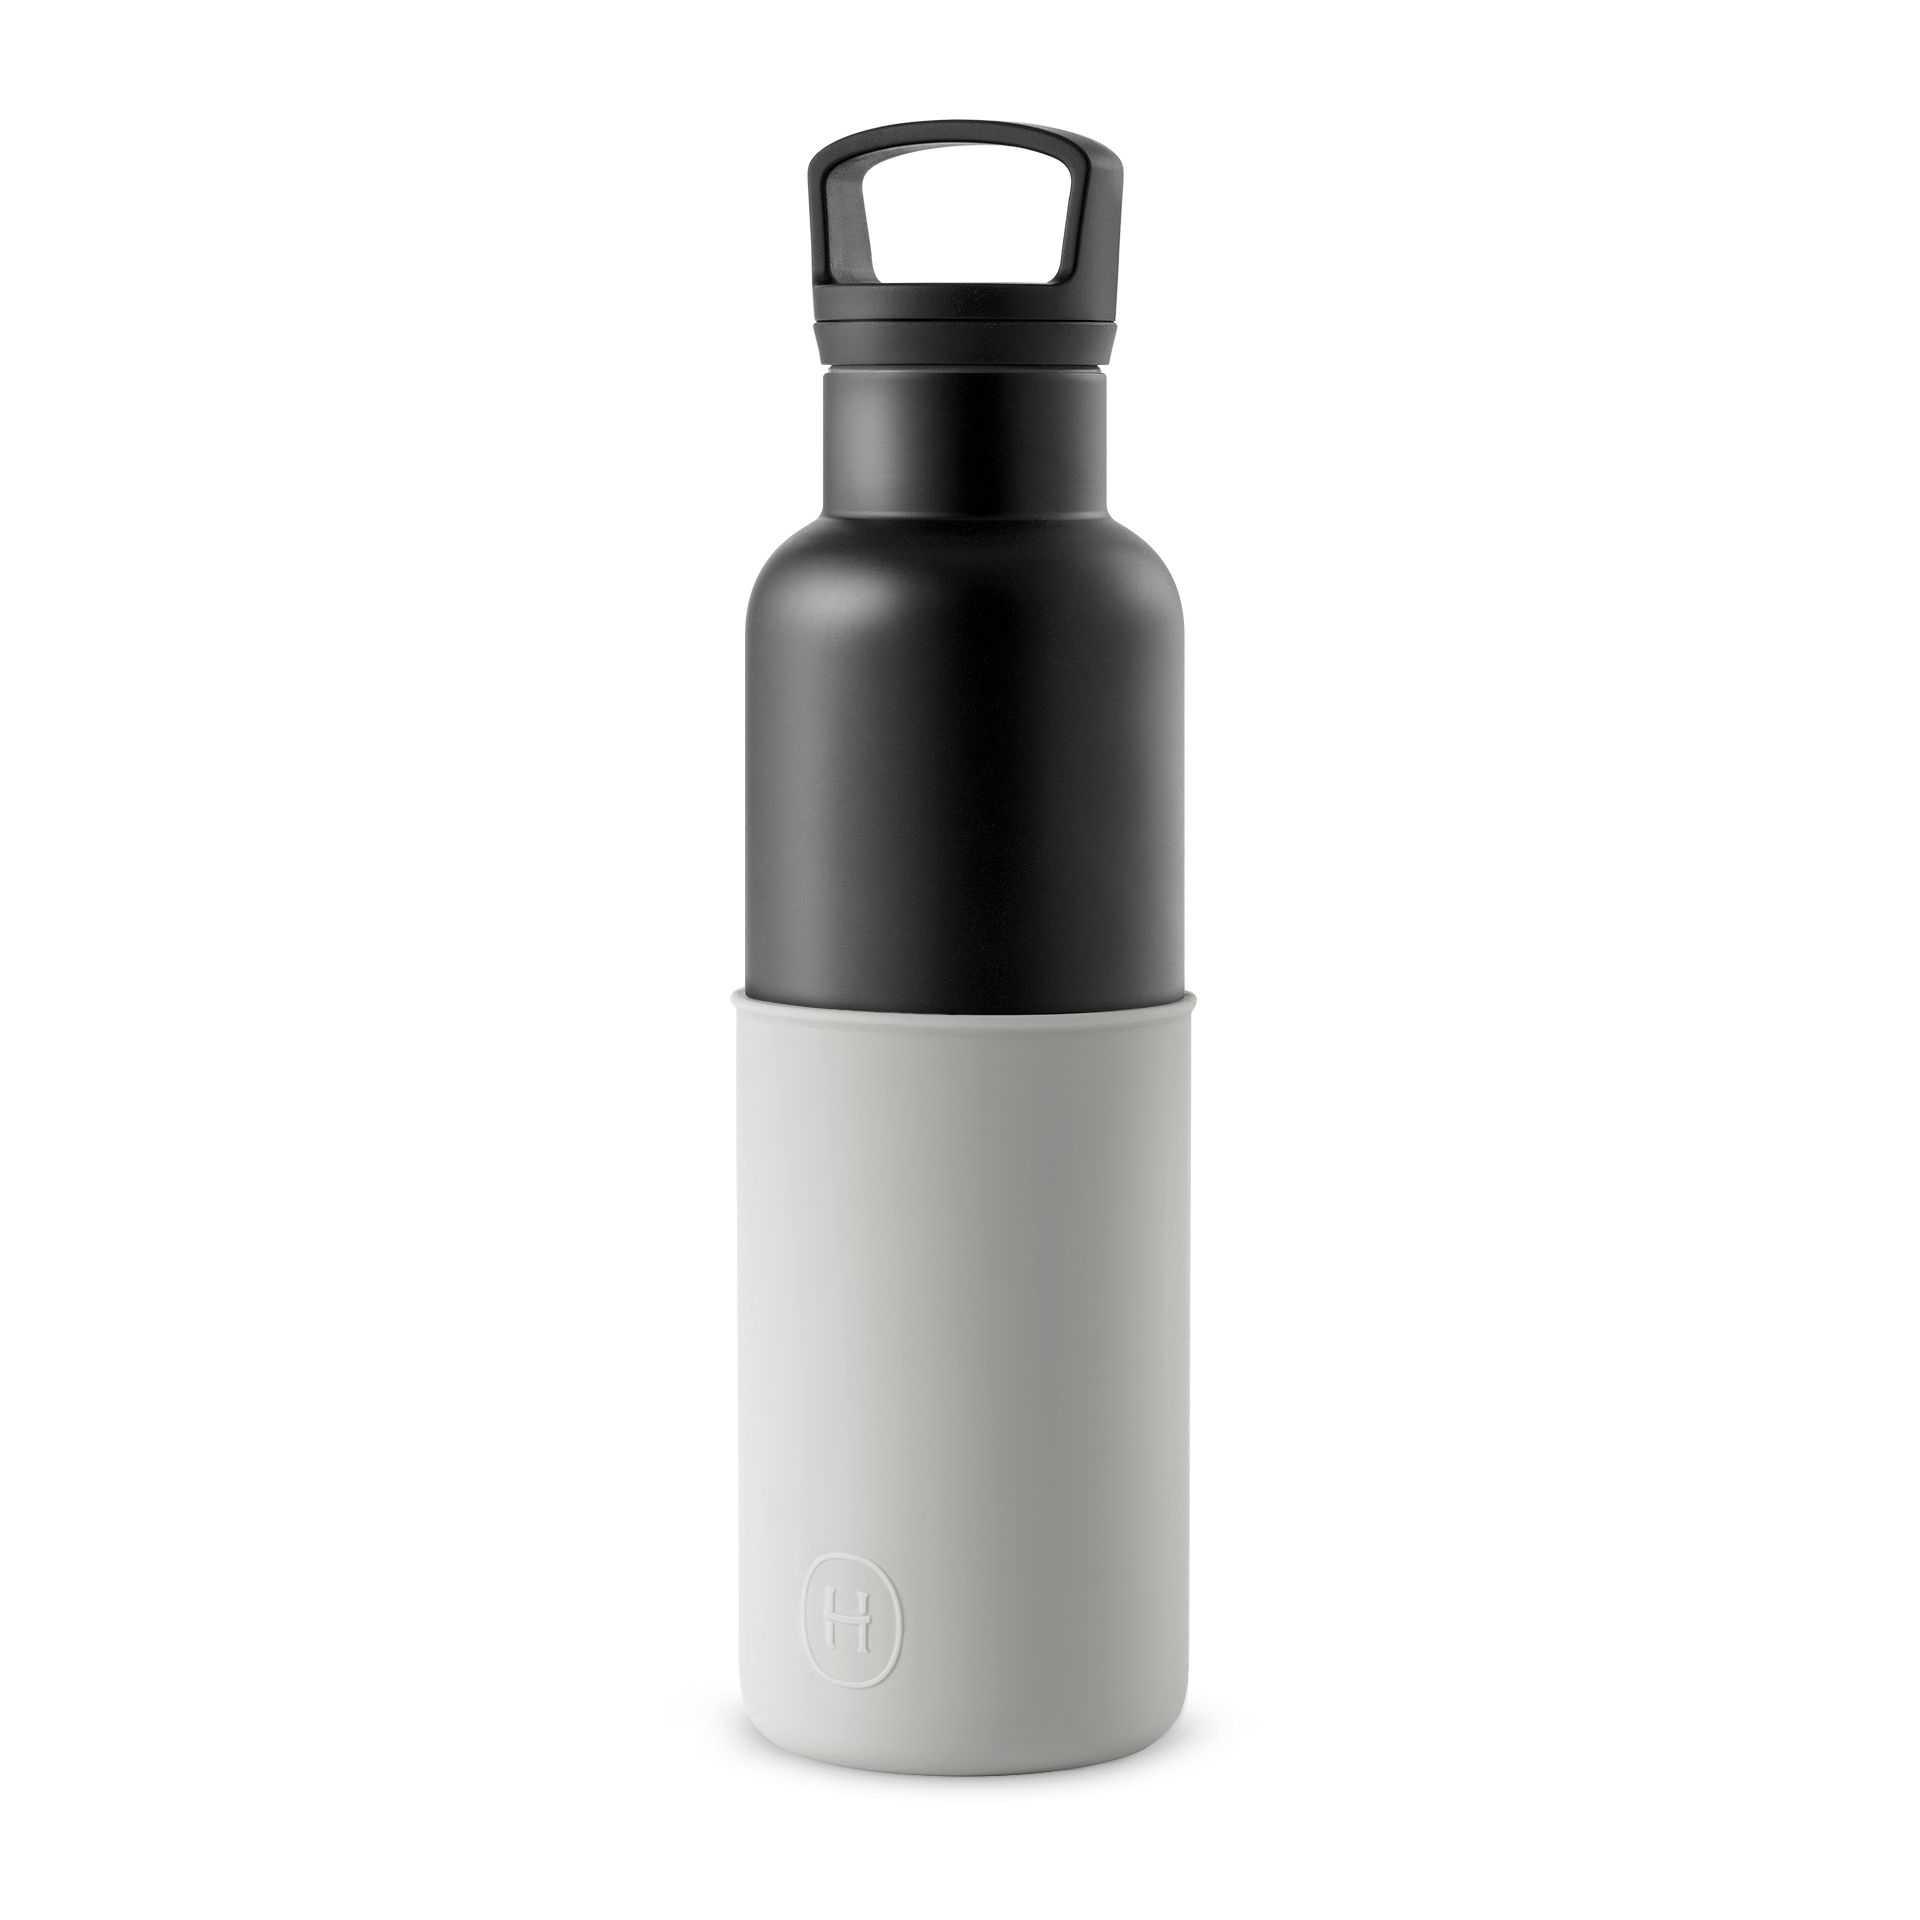 【HYDY】雲灰-黑瓶 590ml